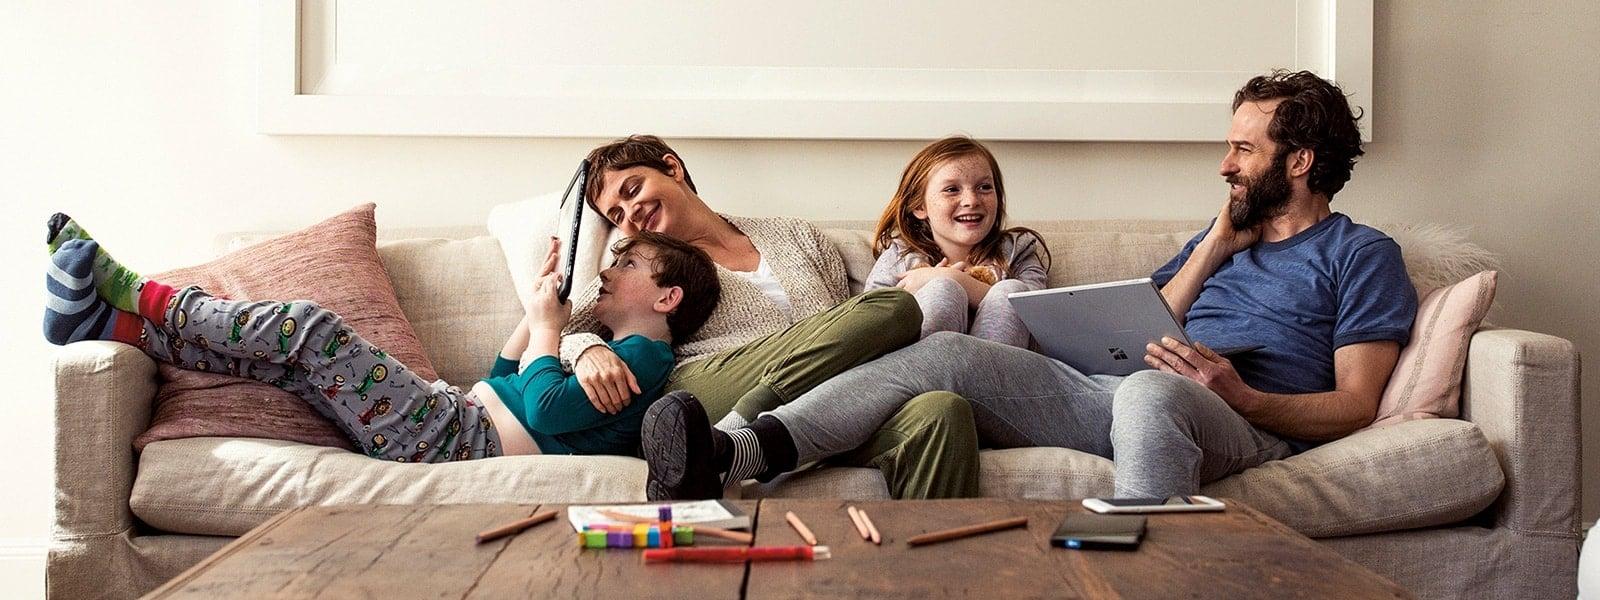 Família a descansar no sofá